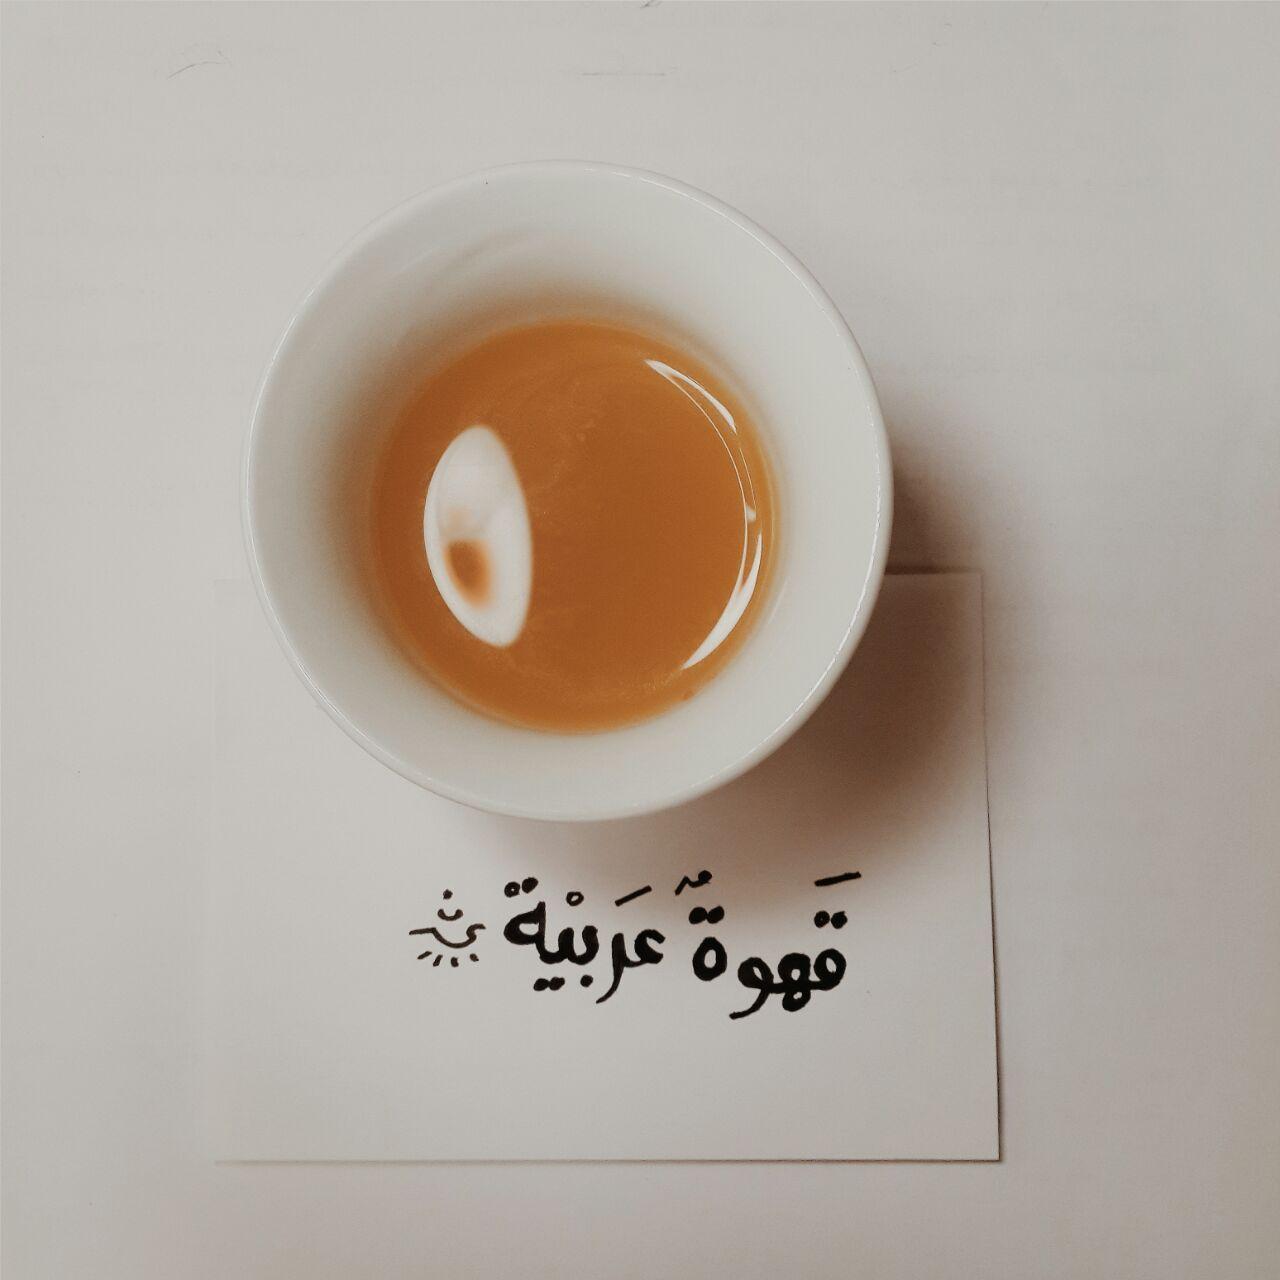 قهوه عربيه م Coffee Love Painted Coffee Cup Arabic Coffee